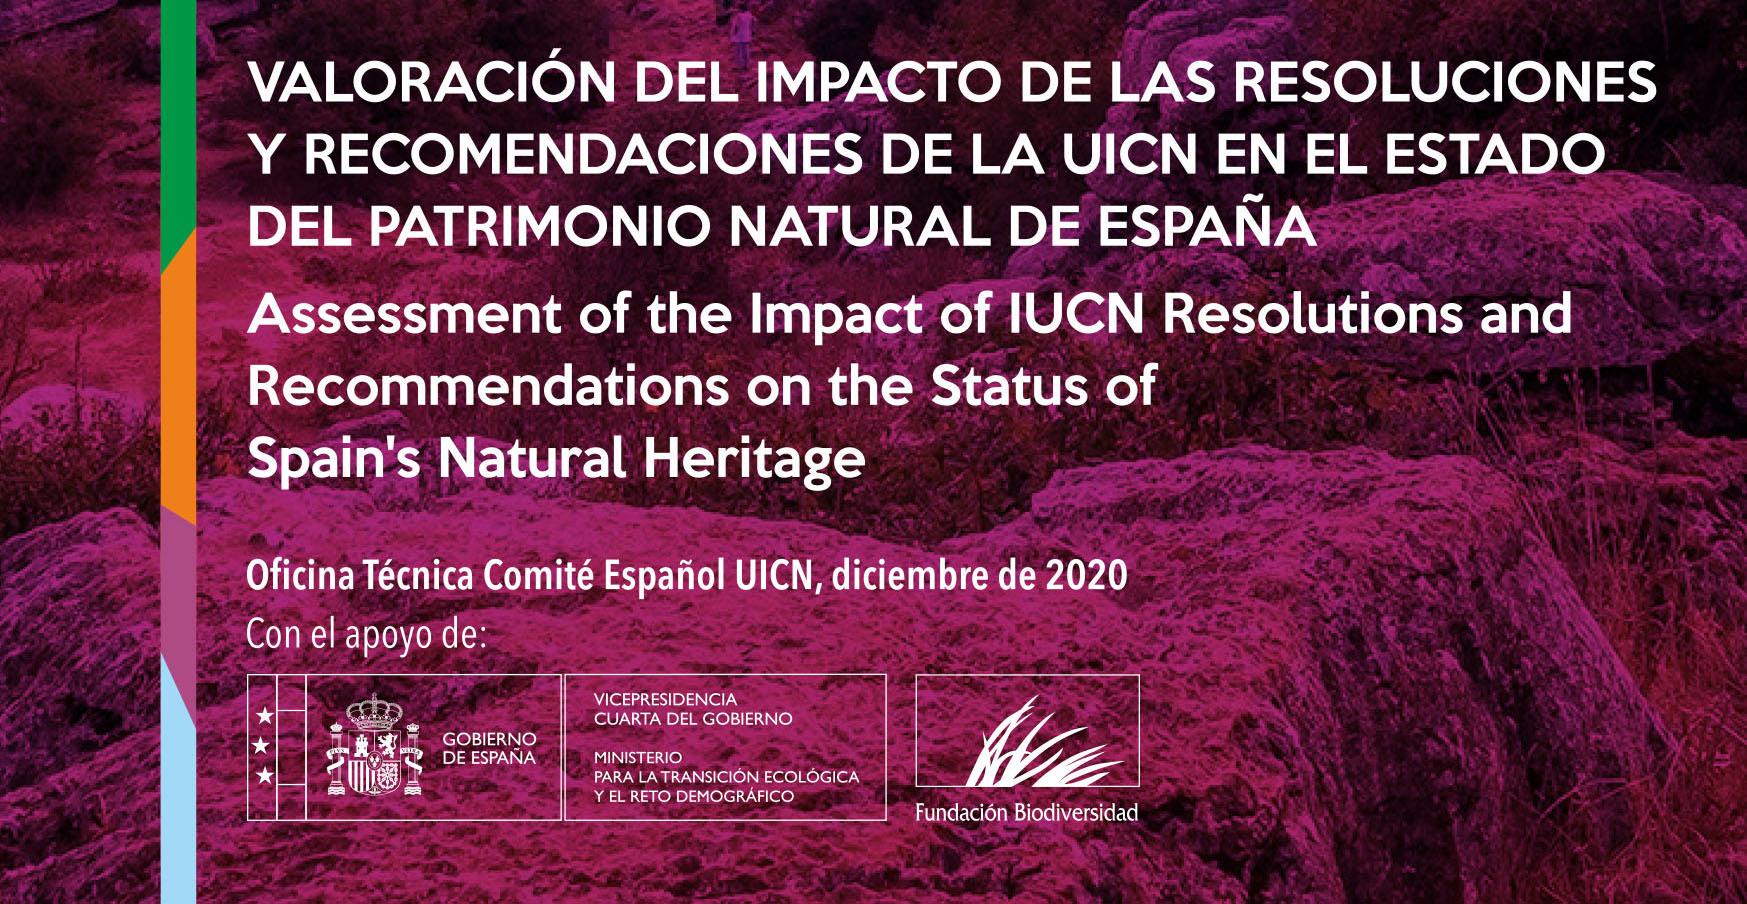 Publicado el Informe Técnico Resoluciones y Recomendaciones